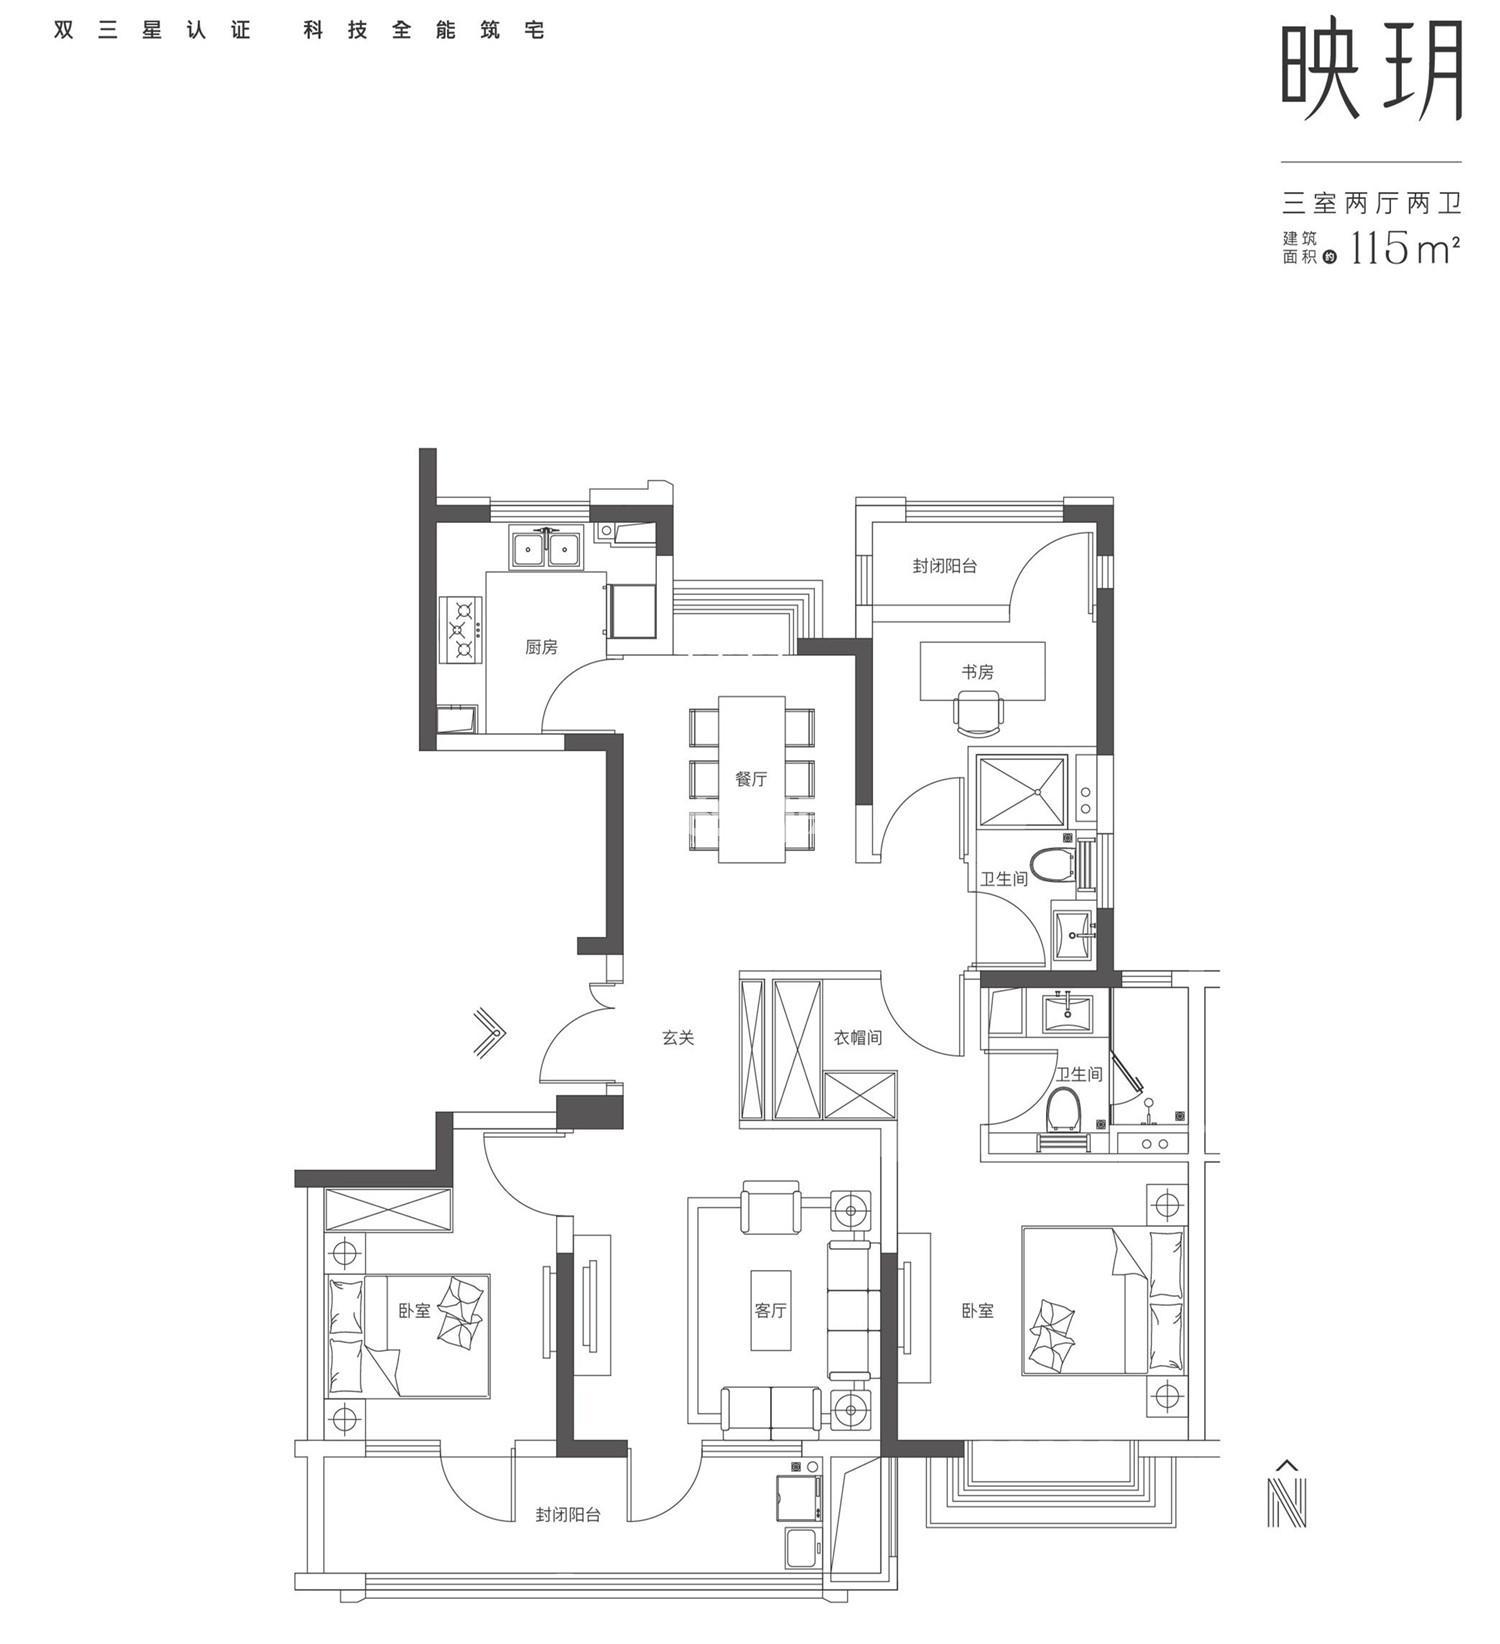 海玥华府115㎡户型图